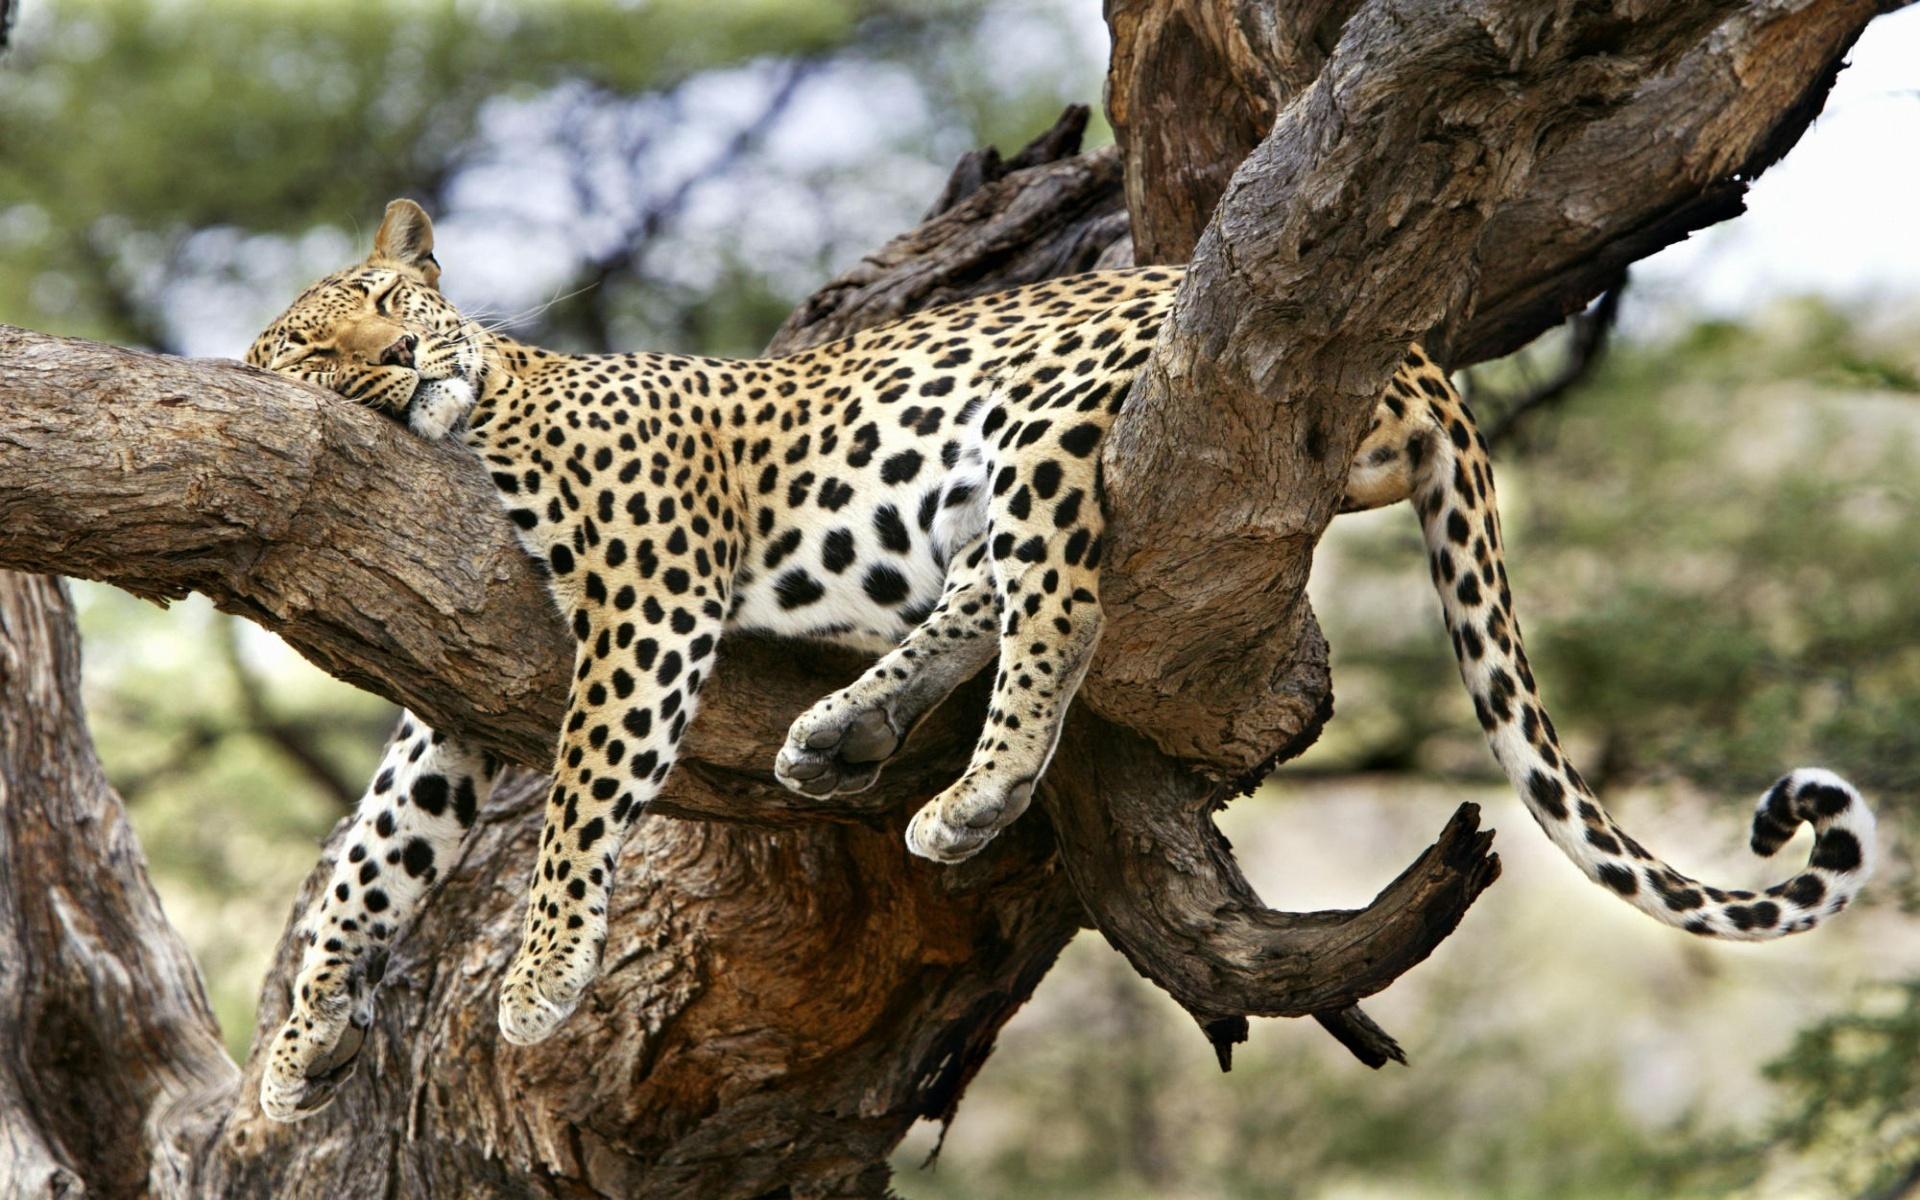 природа животные Гепарды камни трава дерево горизонт  № 276708  скачать